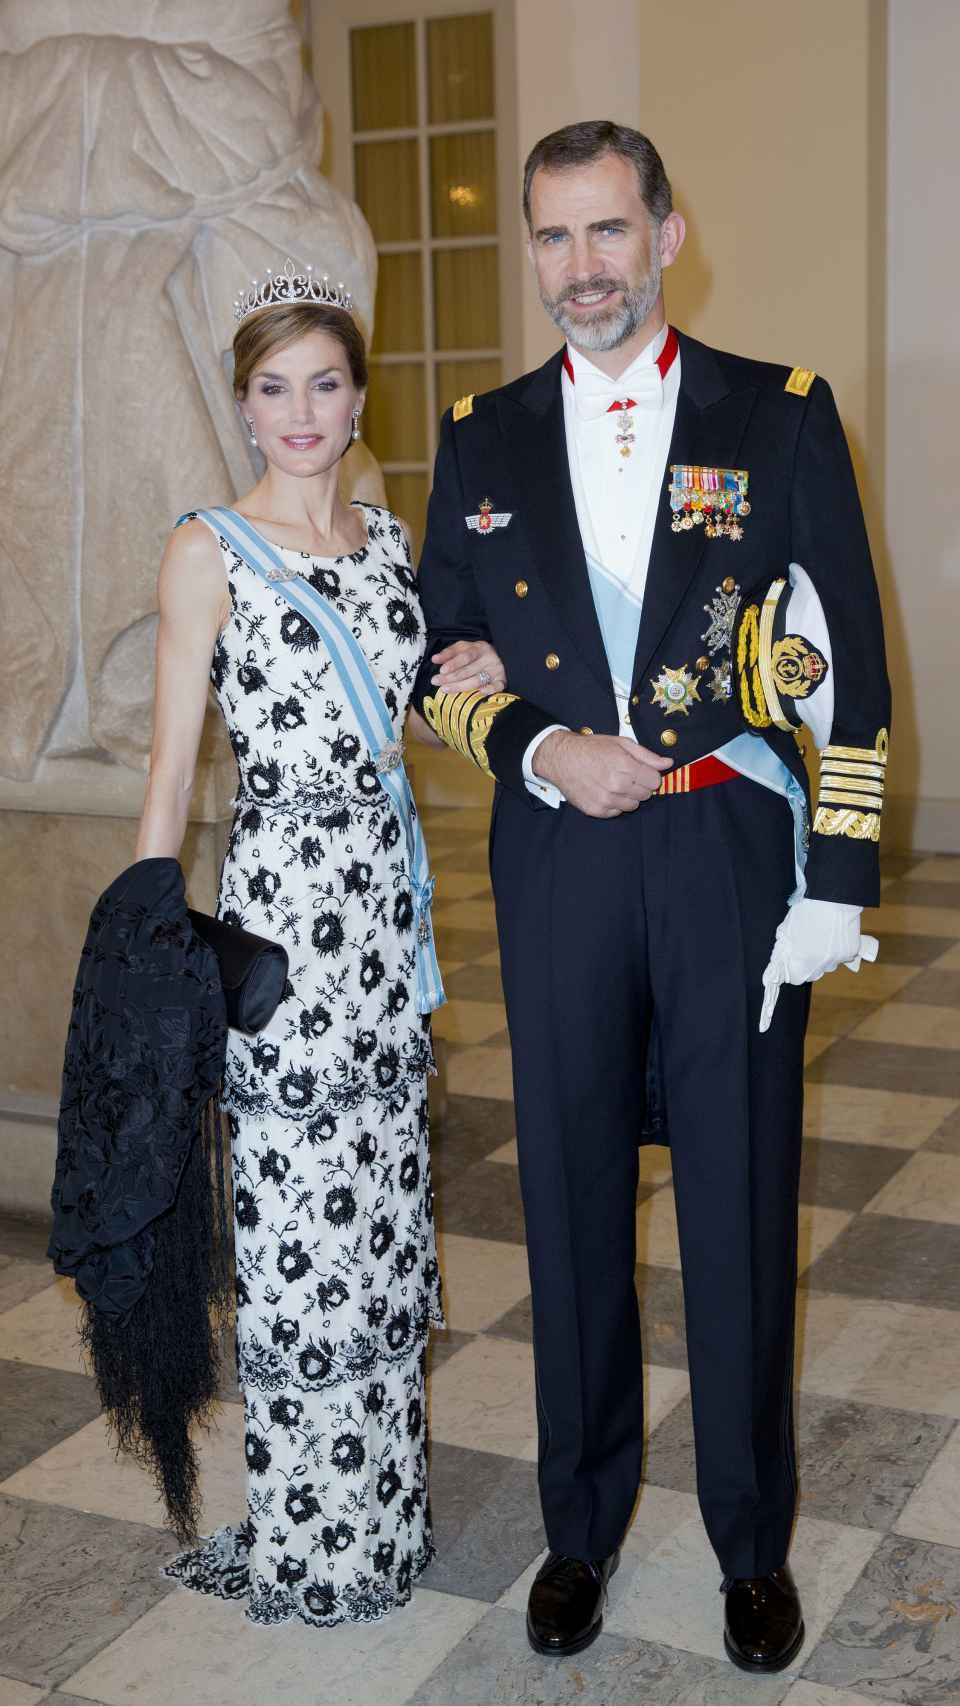 El rey Felipe VI y Letizia en el cumpleaños de Margarita de Dinamarca, 2015.